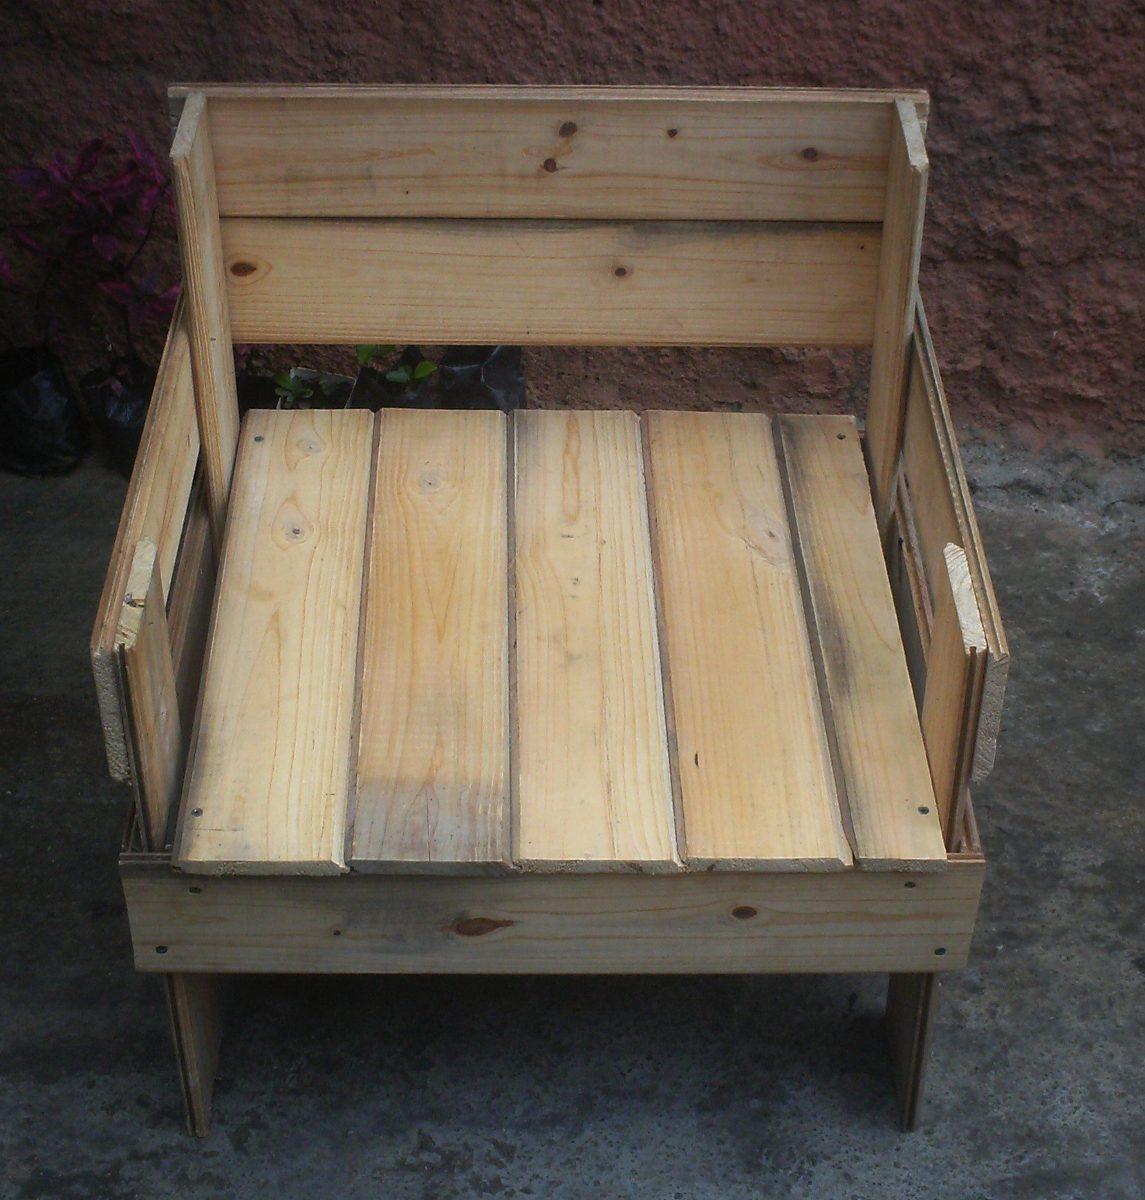 juego de muebles de madera de pino bs 0 85 en mercado libre